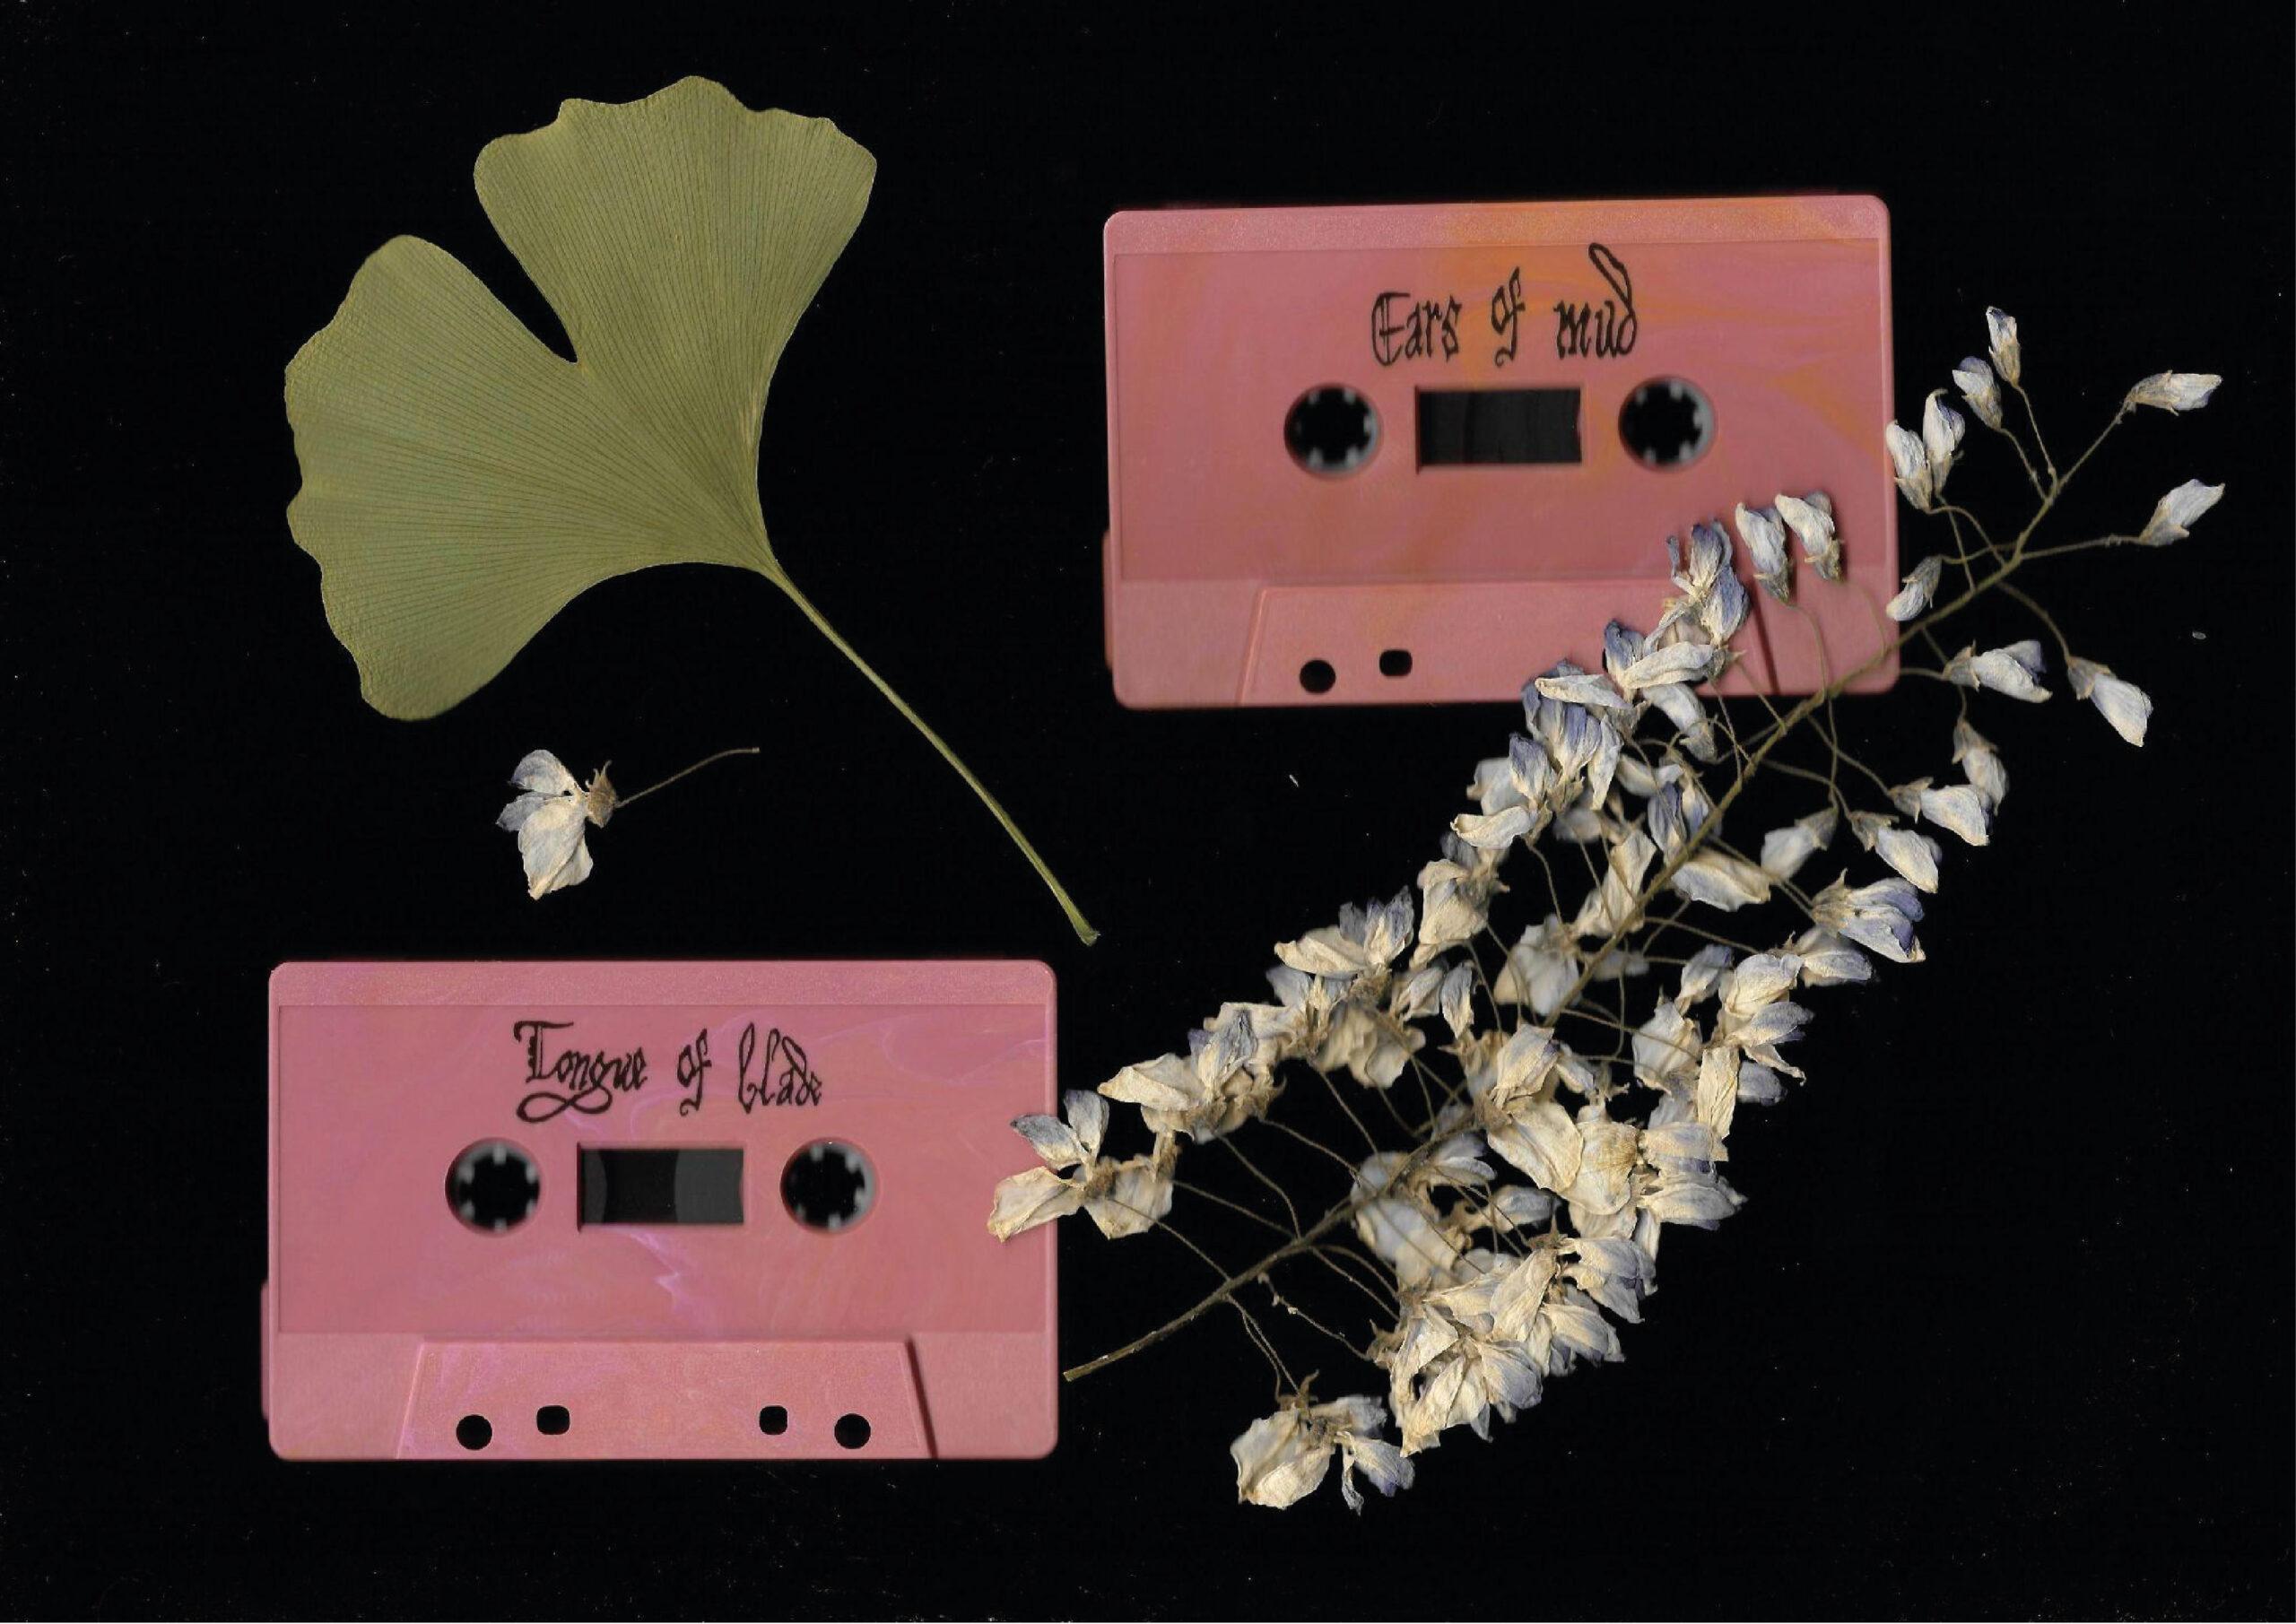 Tongue of blade ‡ Ears of mud: un'audiocassetta incastrata nell'oscurità